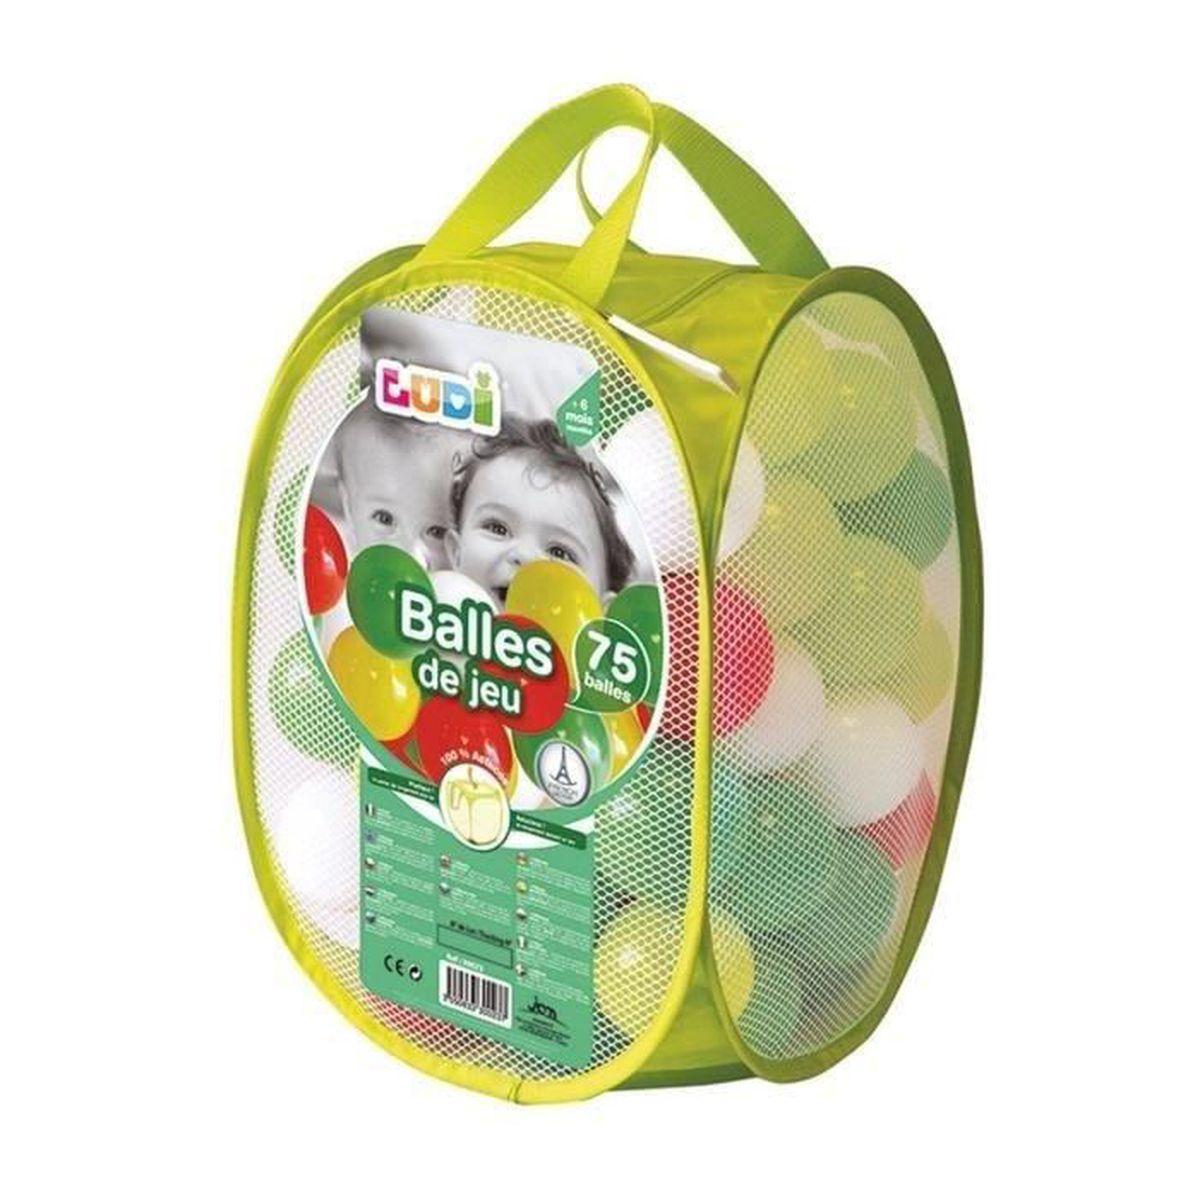 BALLES PISCINE À BALLES LUDI - Sac de 75 balles multicolores souples en pl